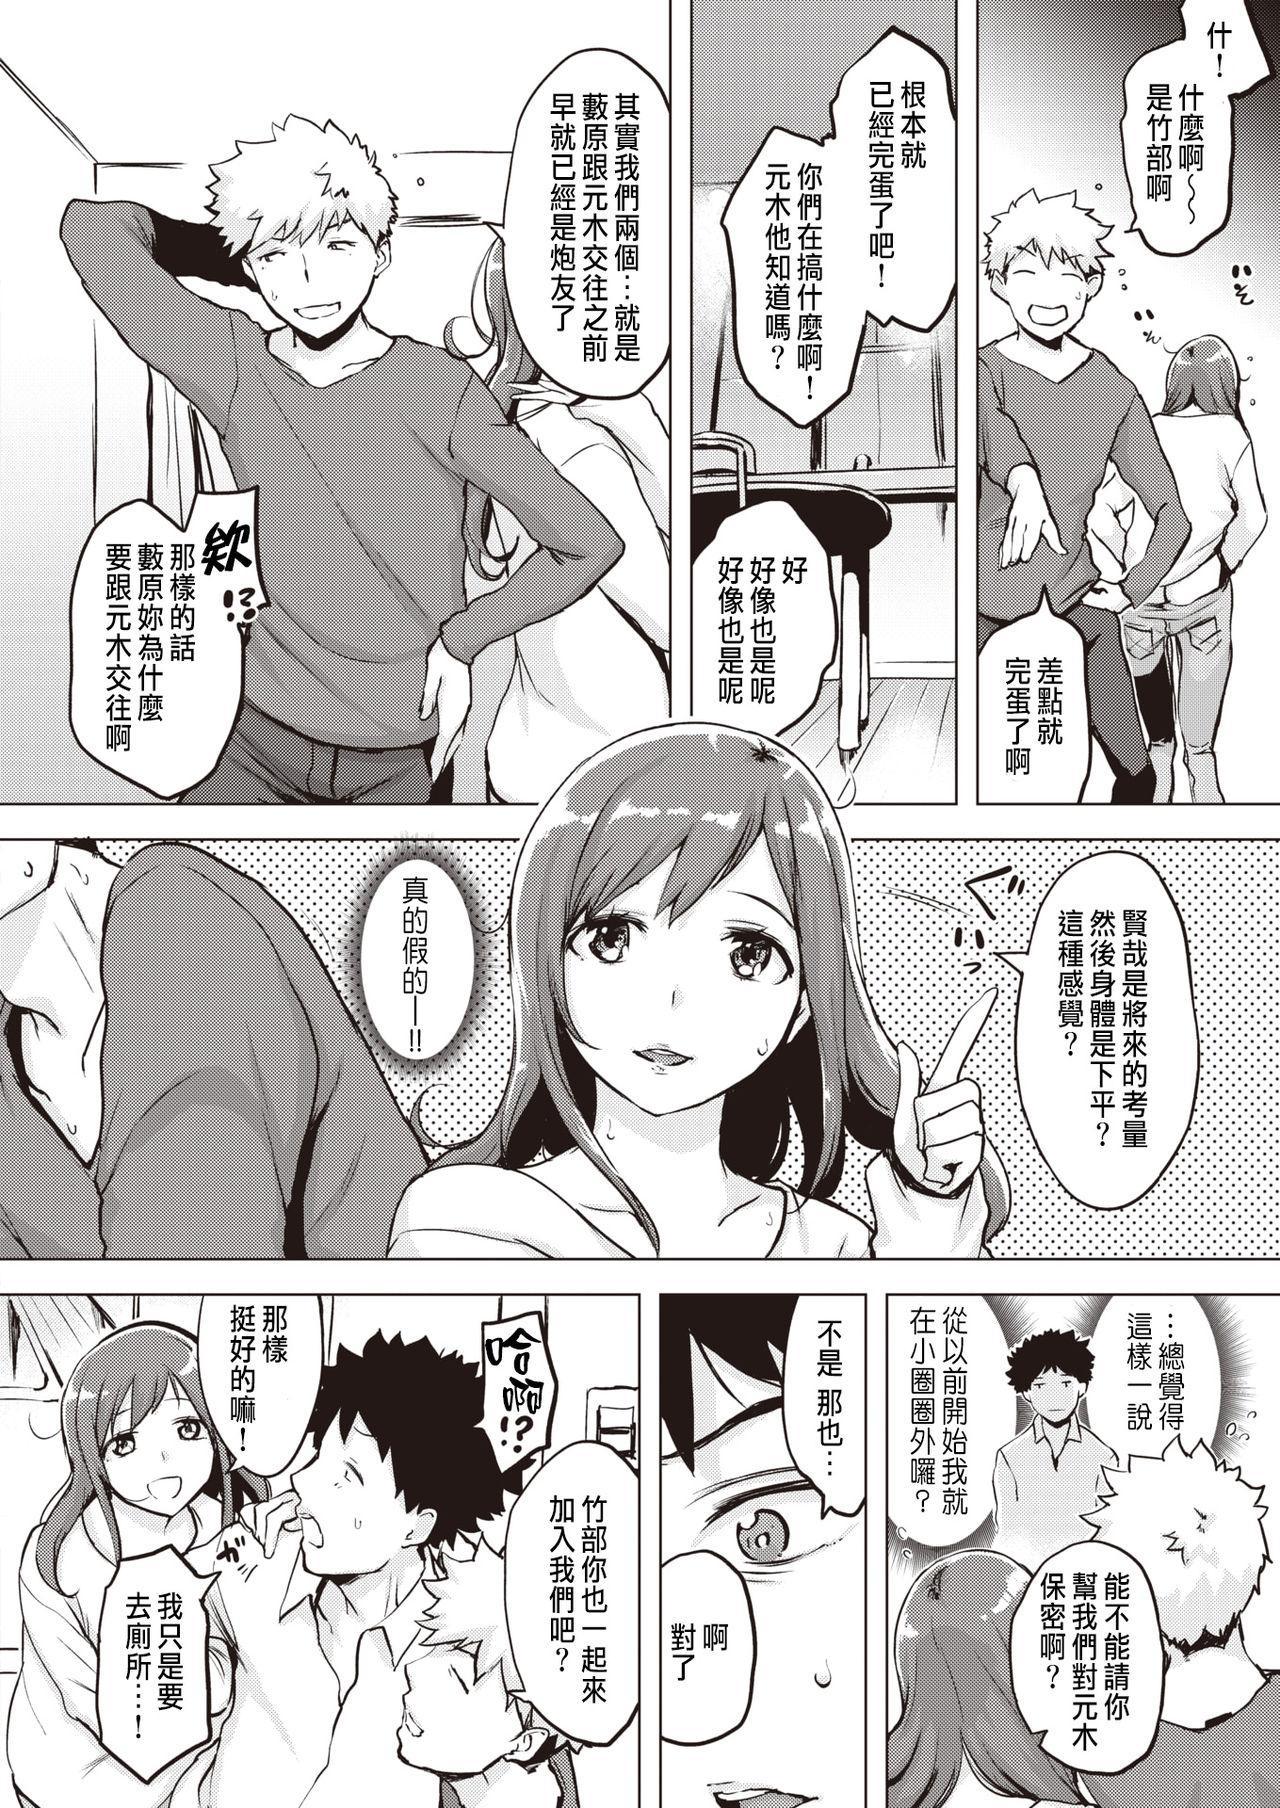 Shikaku Kankei 5